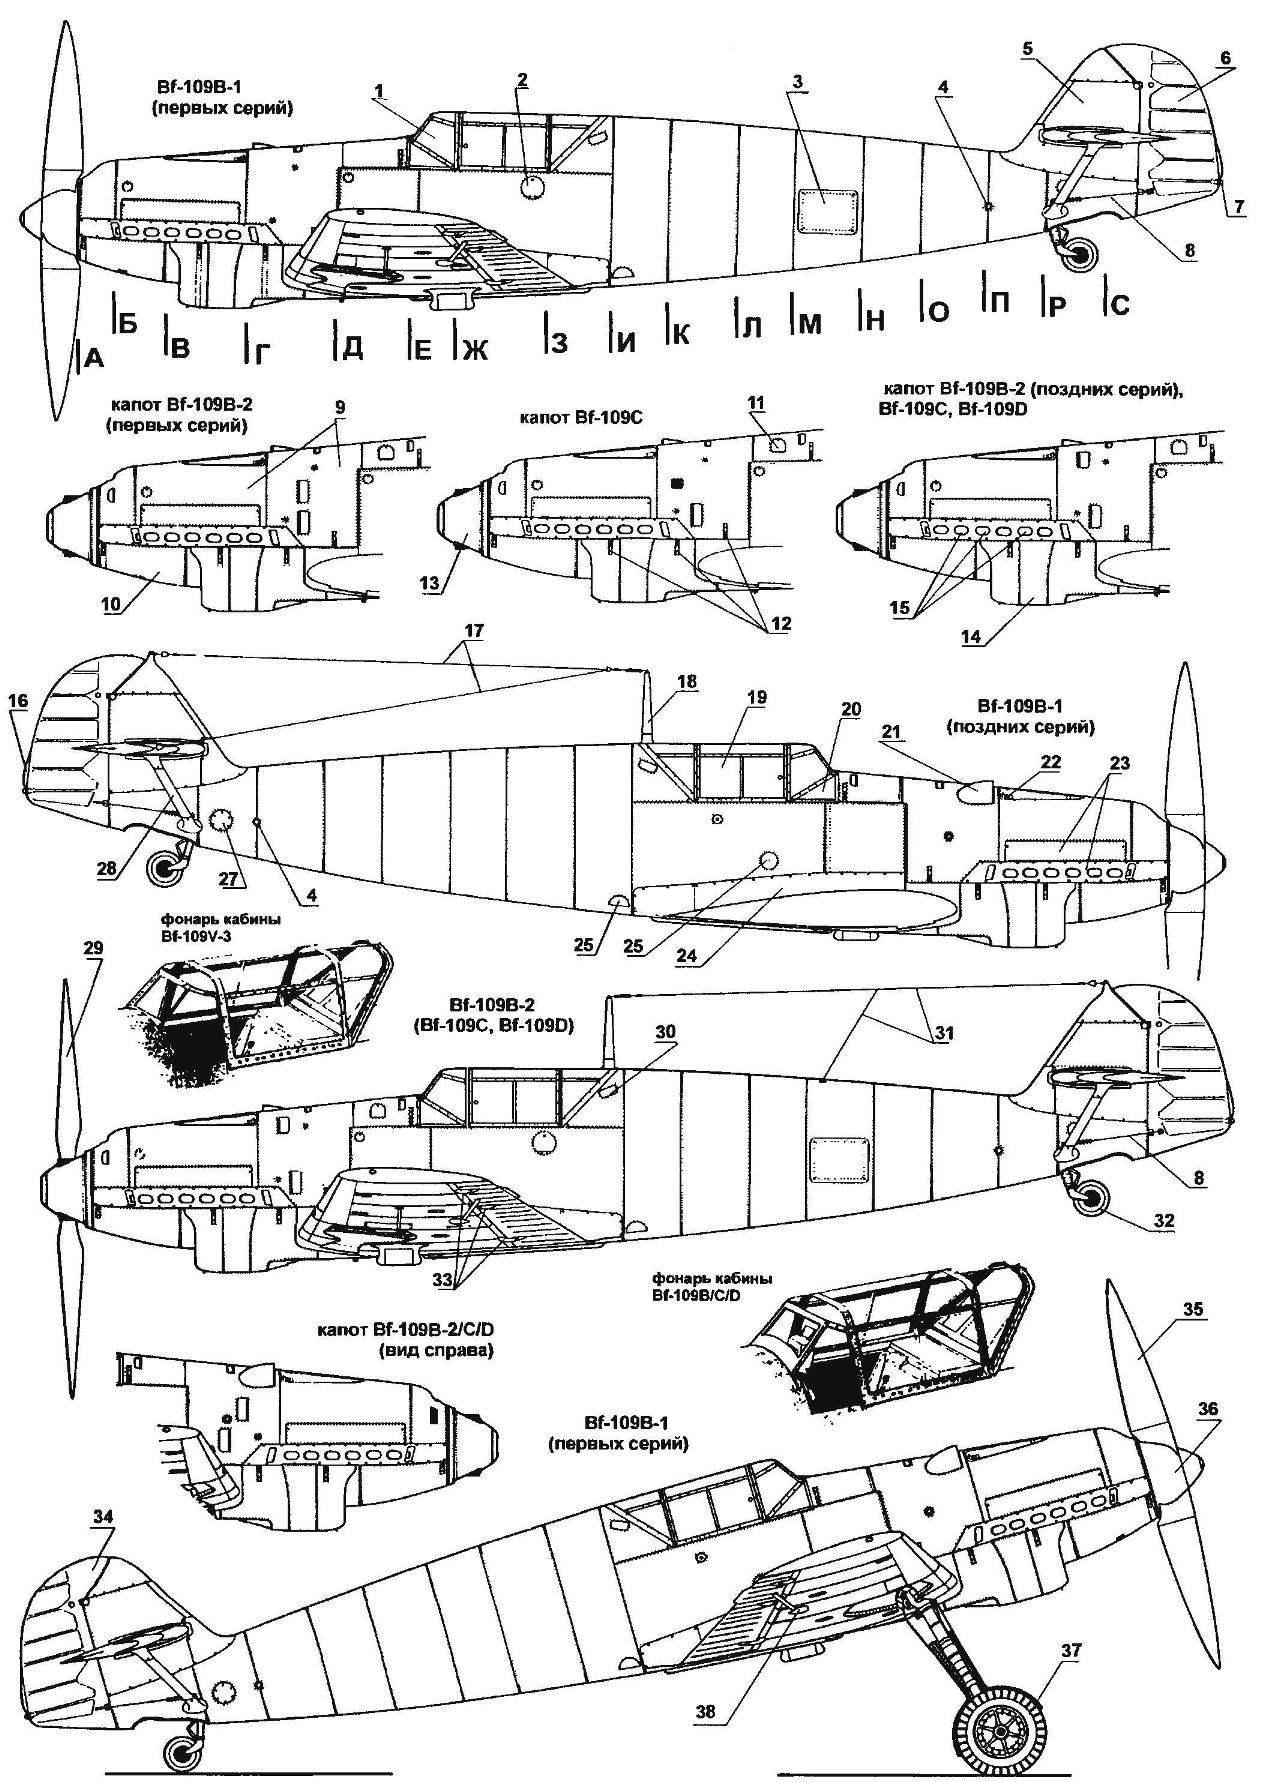 Самолеты-истребители MESSERSCHMITT Bf-I09B, Bf-109C и Bf-109D